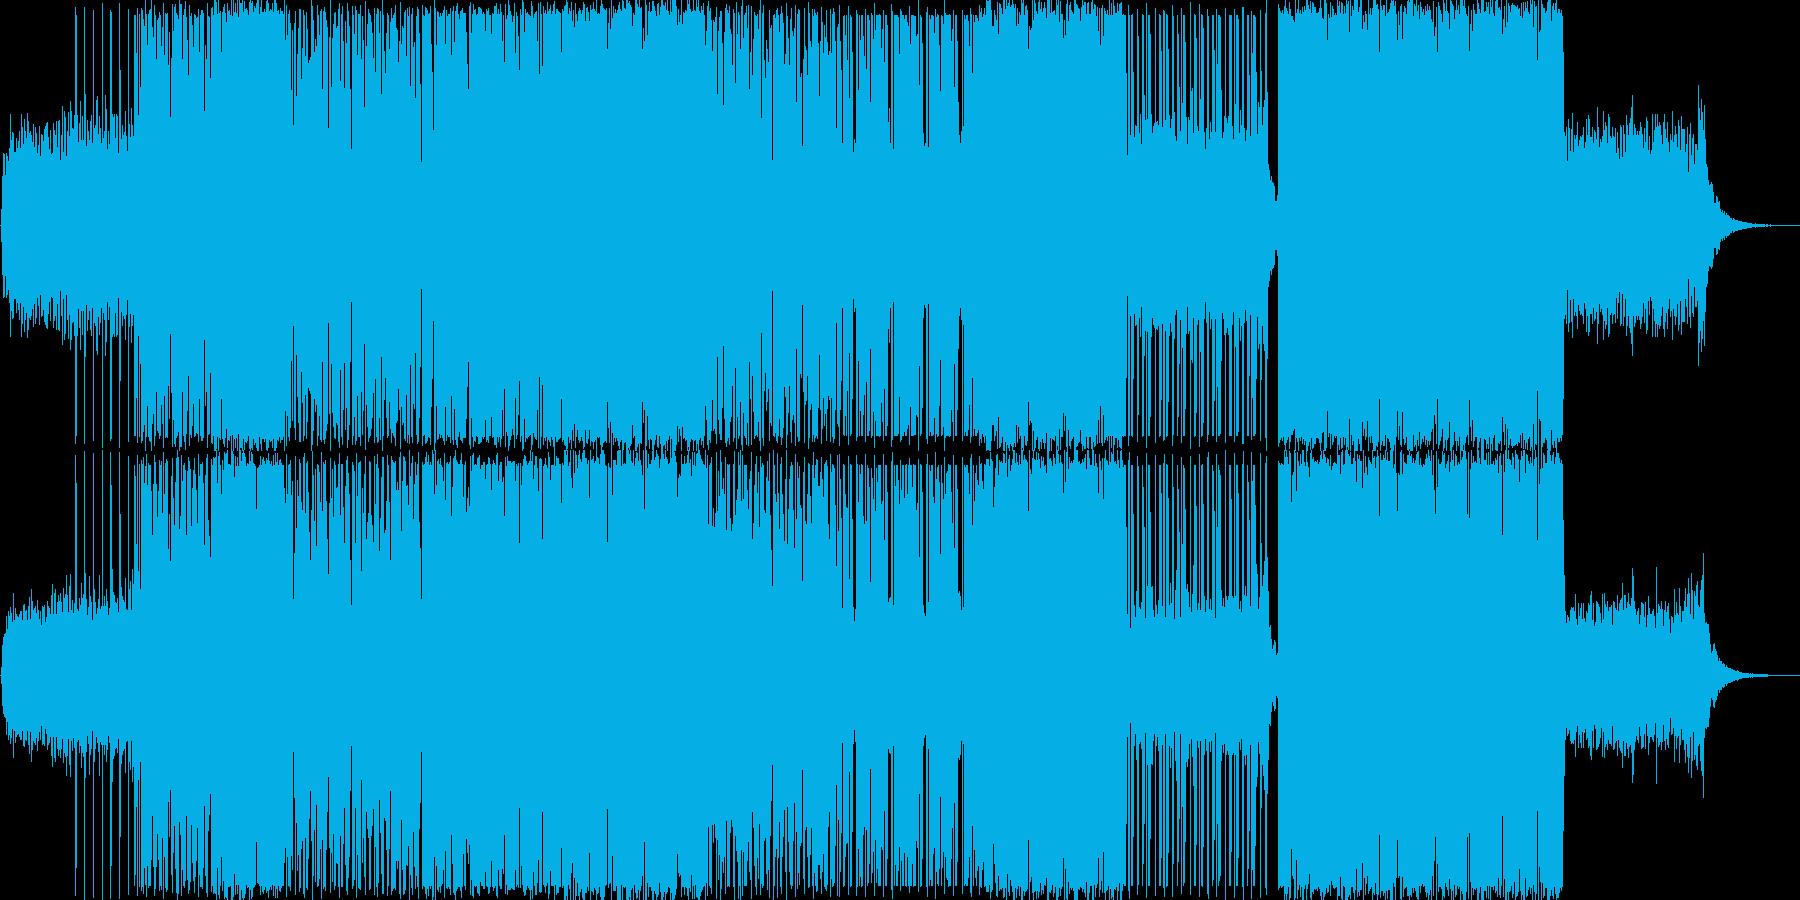 ヒップホップ/ラップ/王道/ヘビー/#1の再生済みの波形